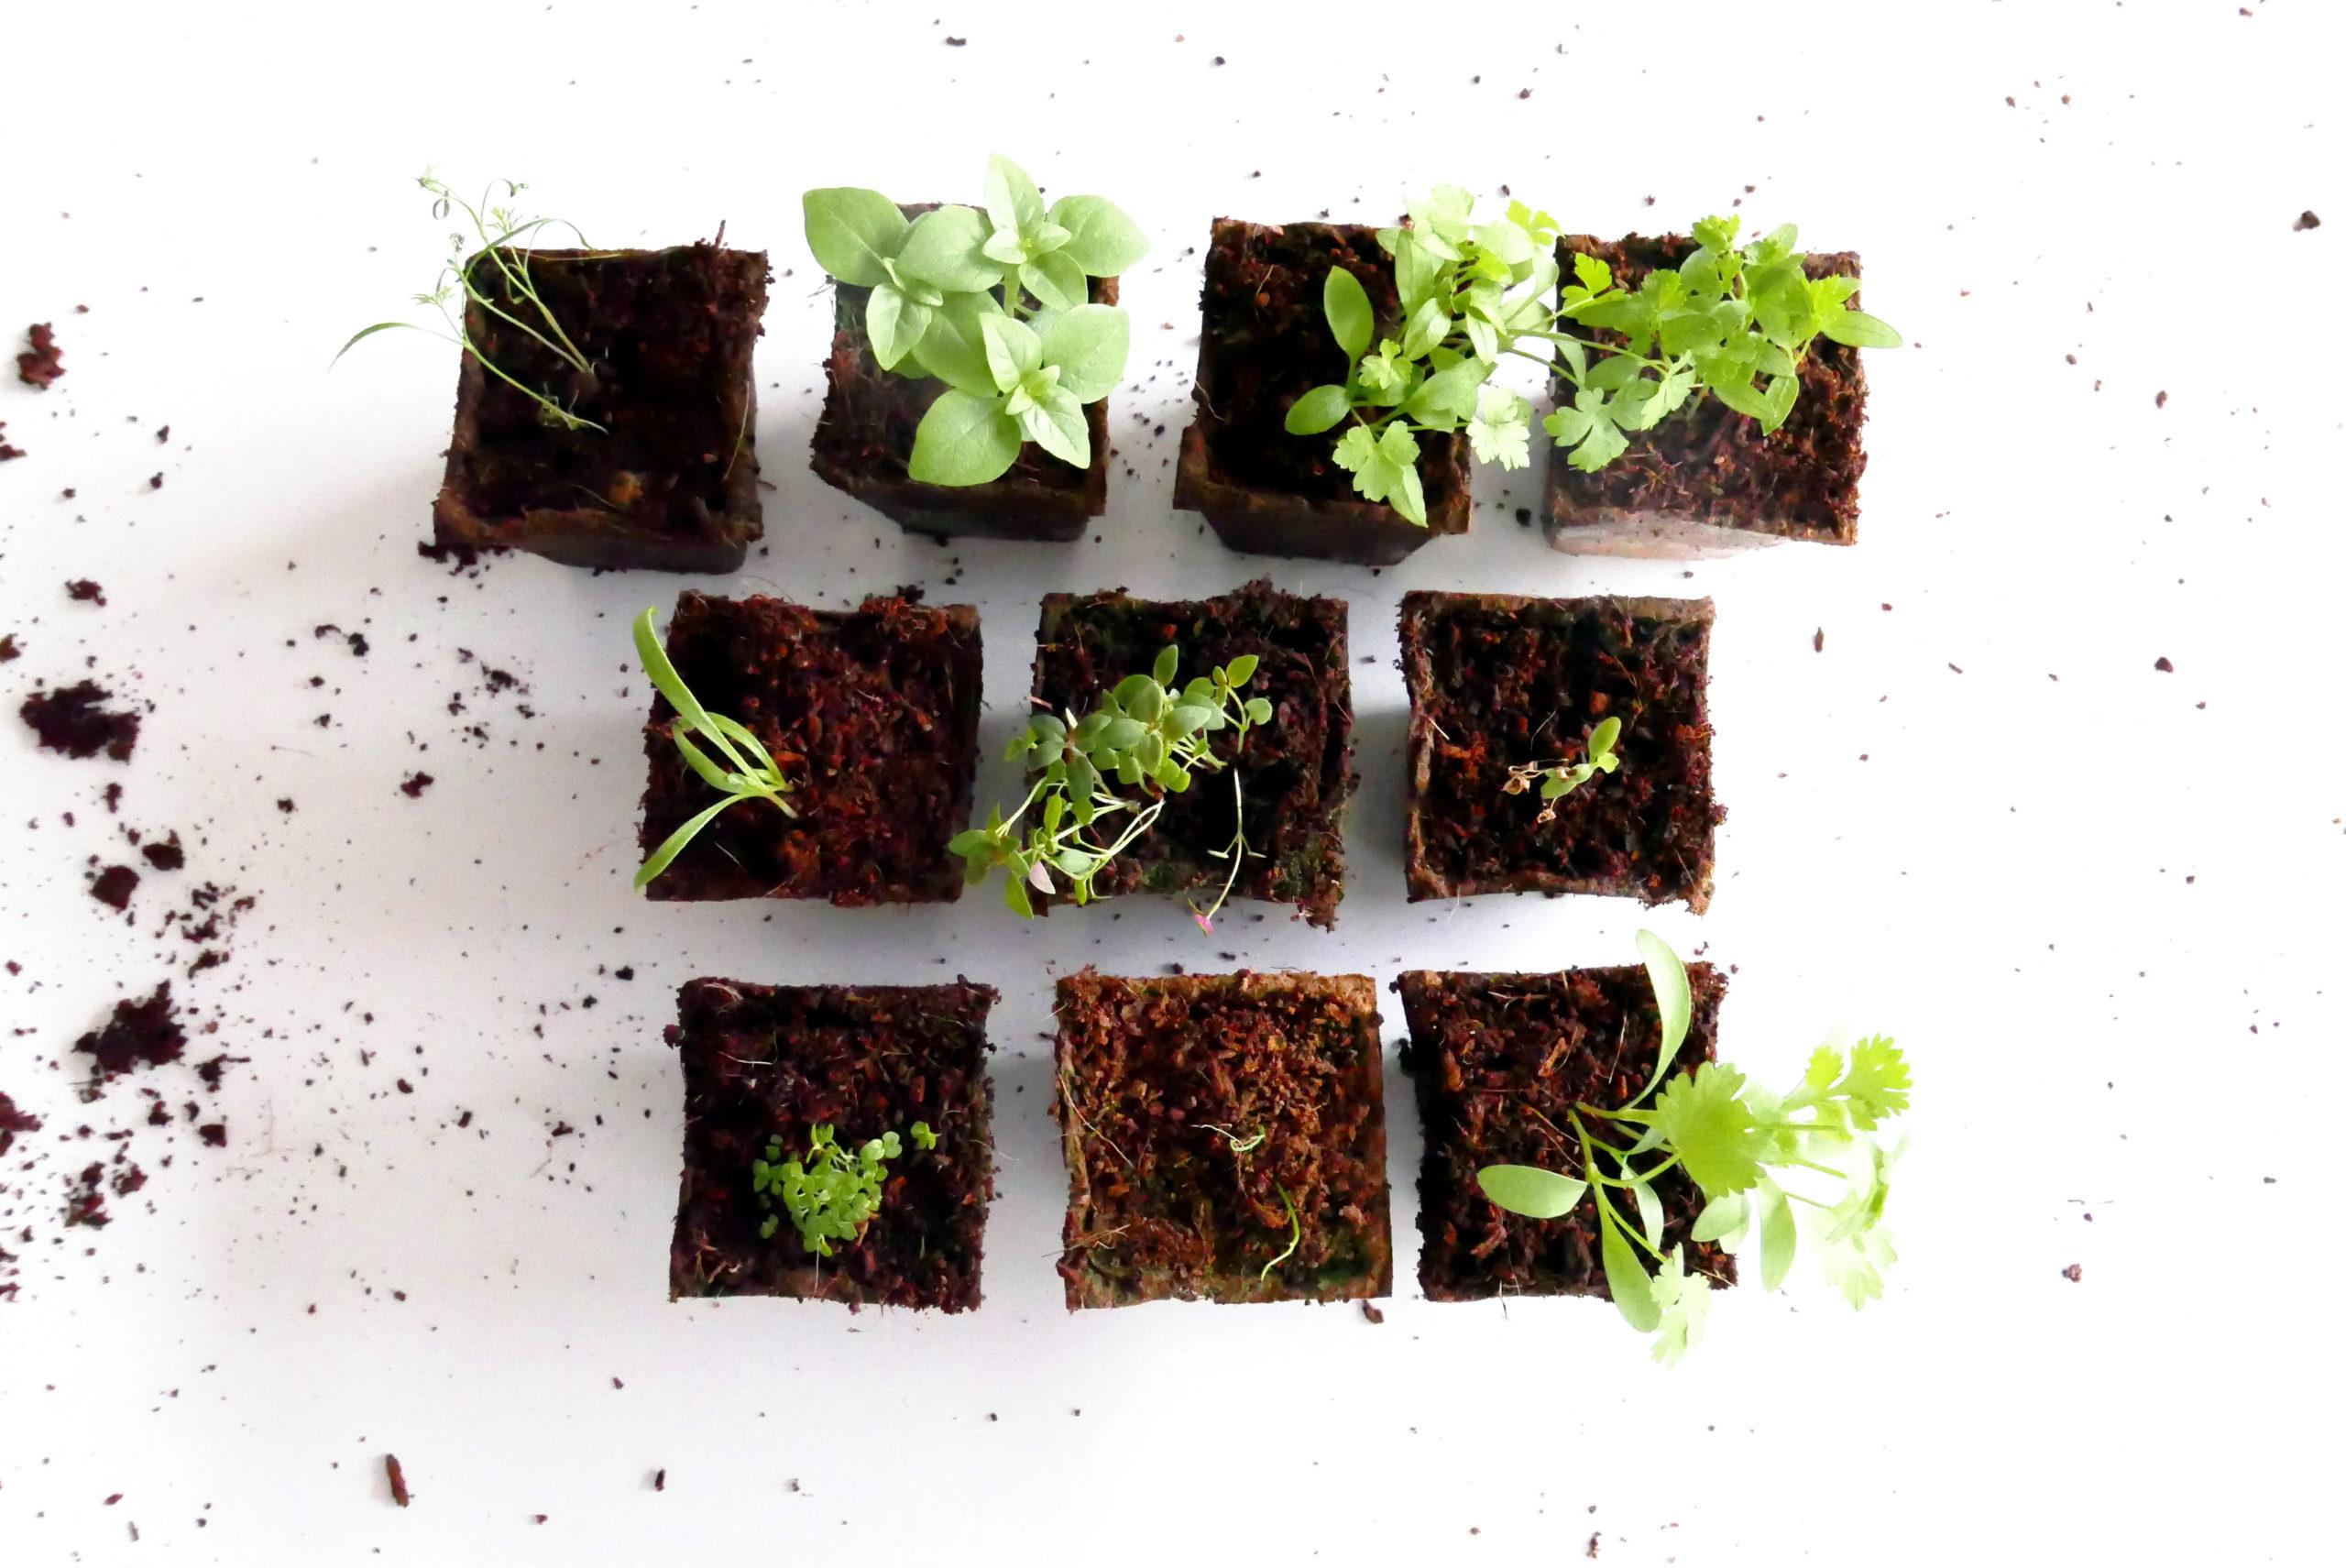 plantes aromatiques - jardiner en ville - jardinage intérieur